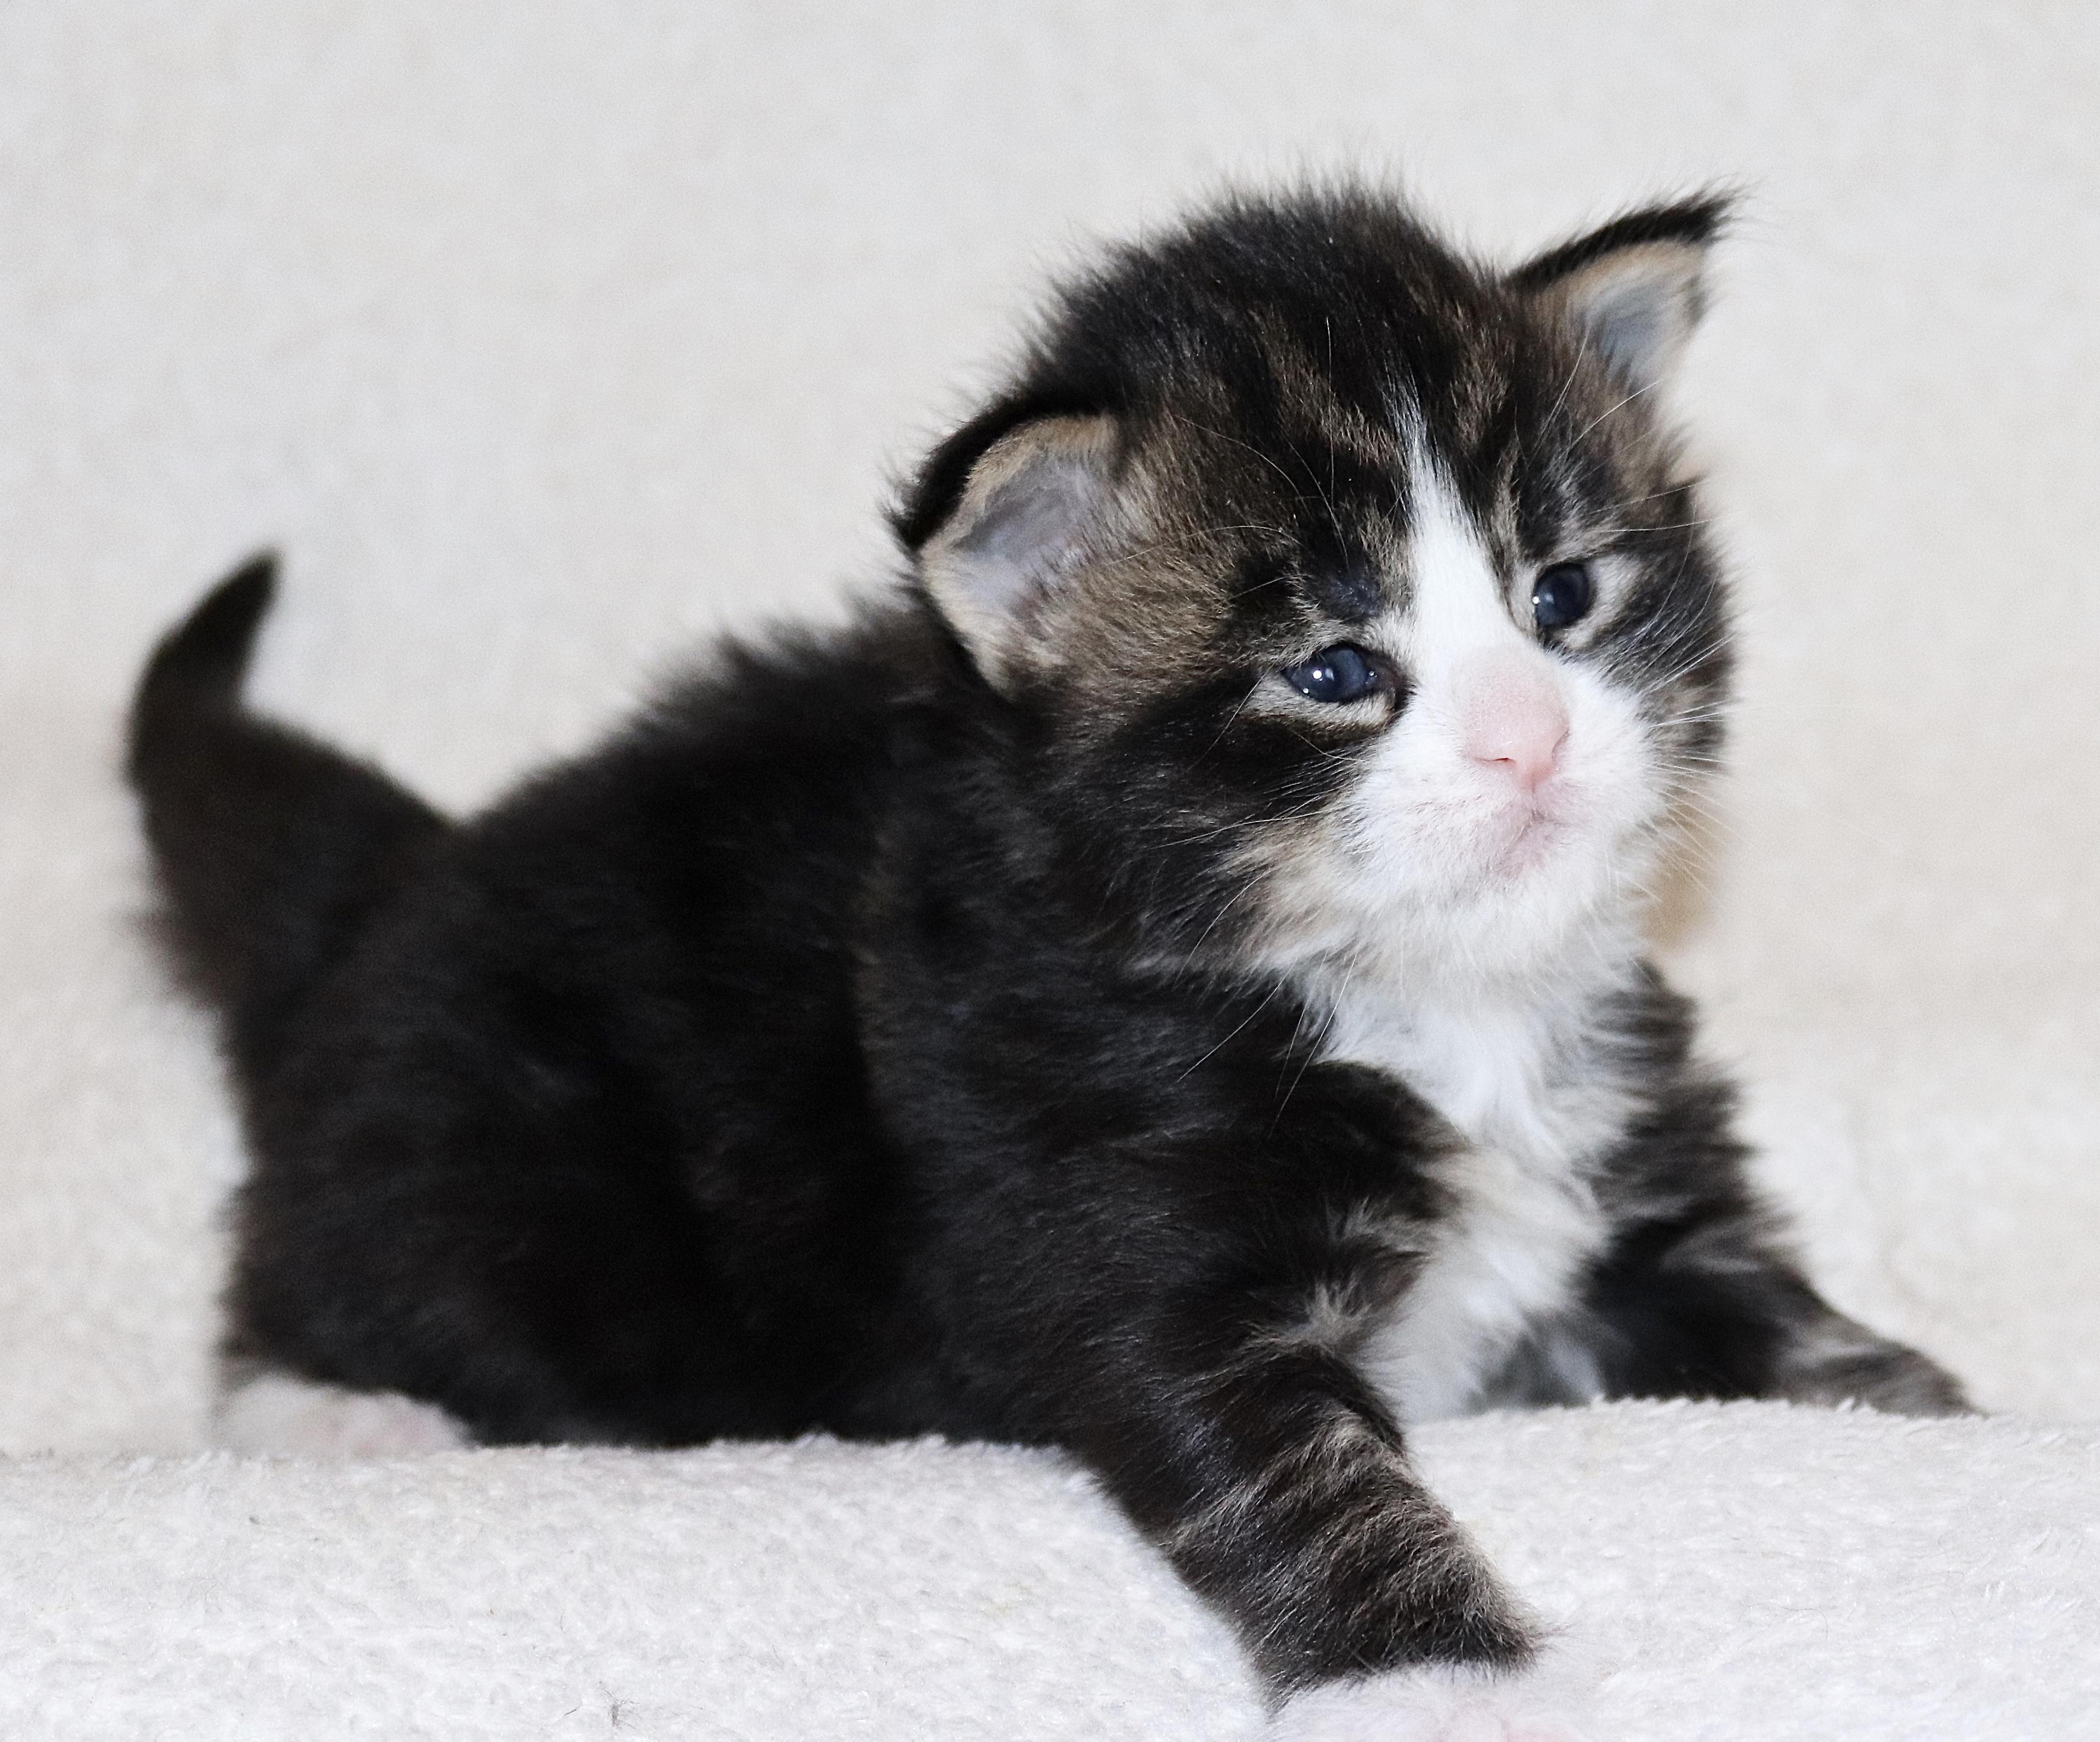 fotka kočky MARI VON ERILLIAN,CZ